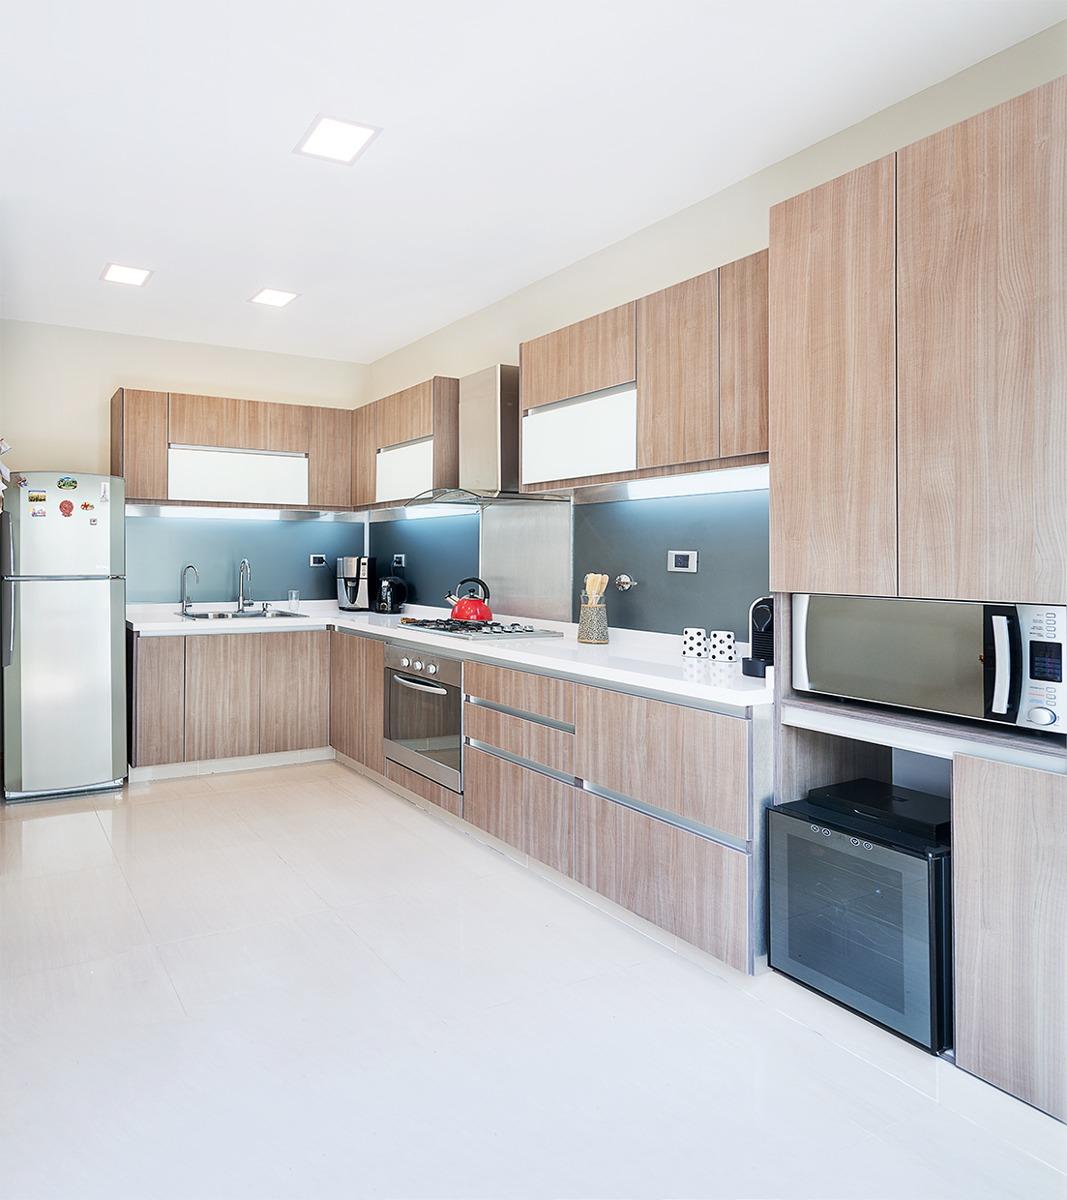 Muebles de cocina interior de placar a medida y estandar for Interior muebles cocina